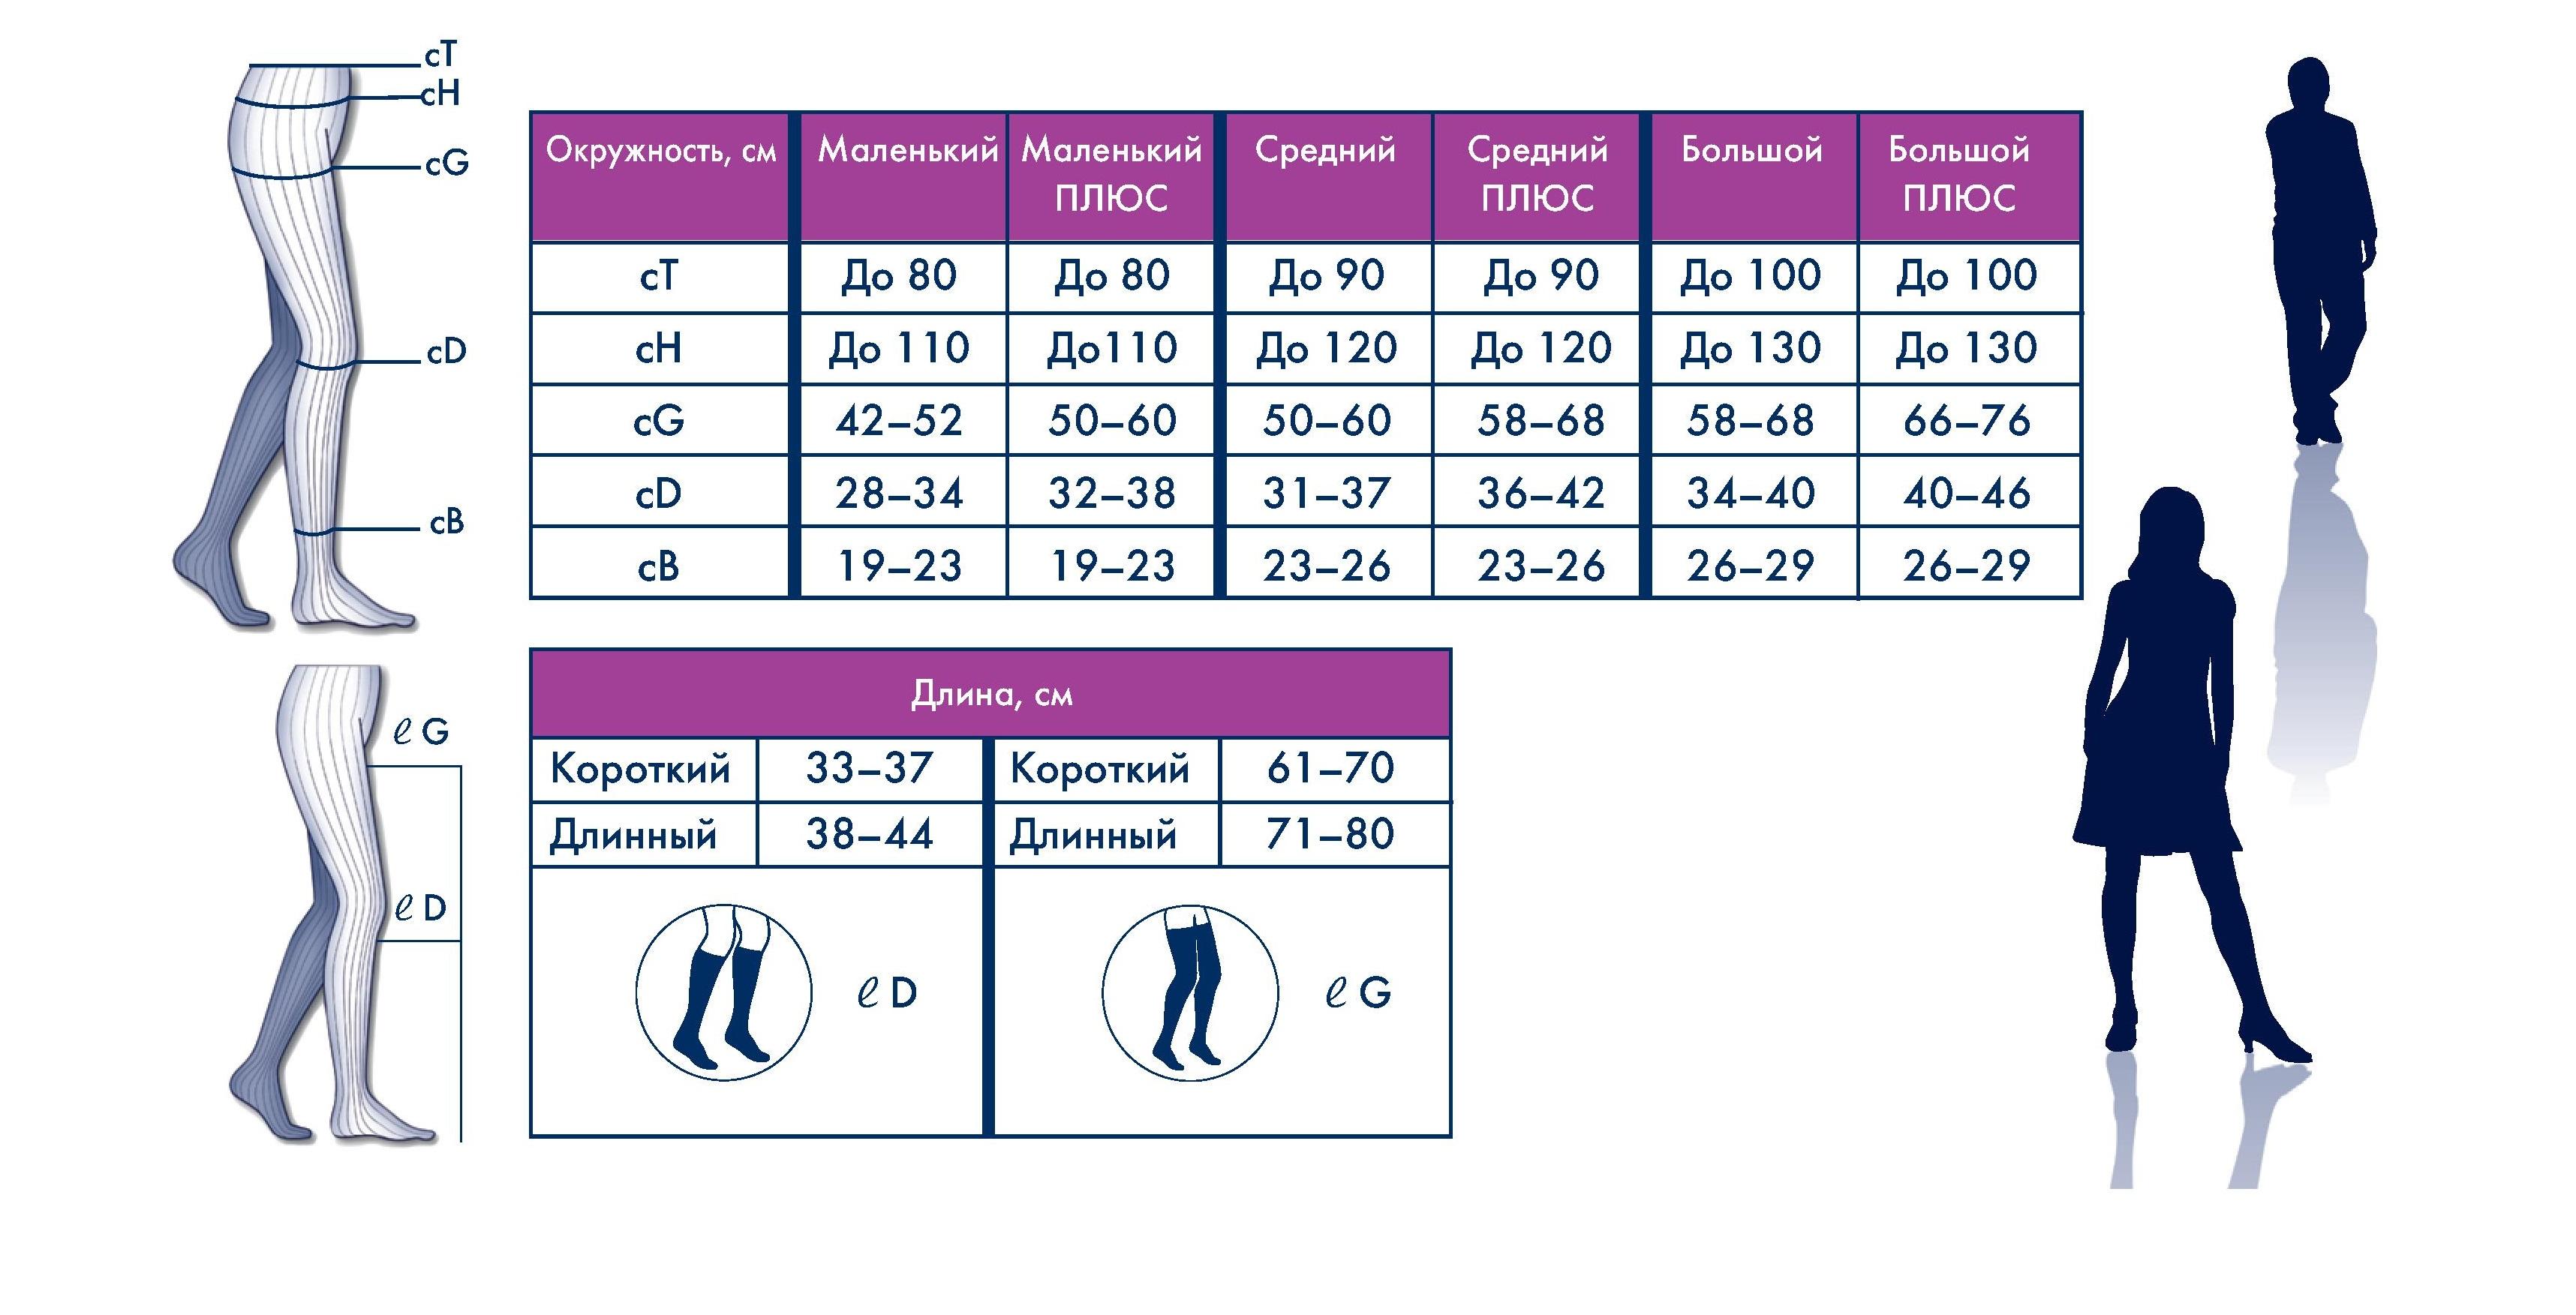 Схема определения размера Топ Файн Селекст